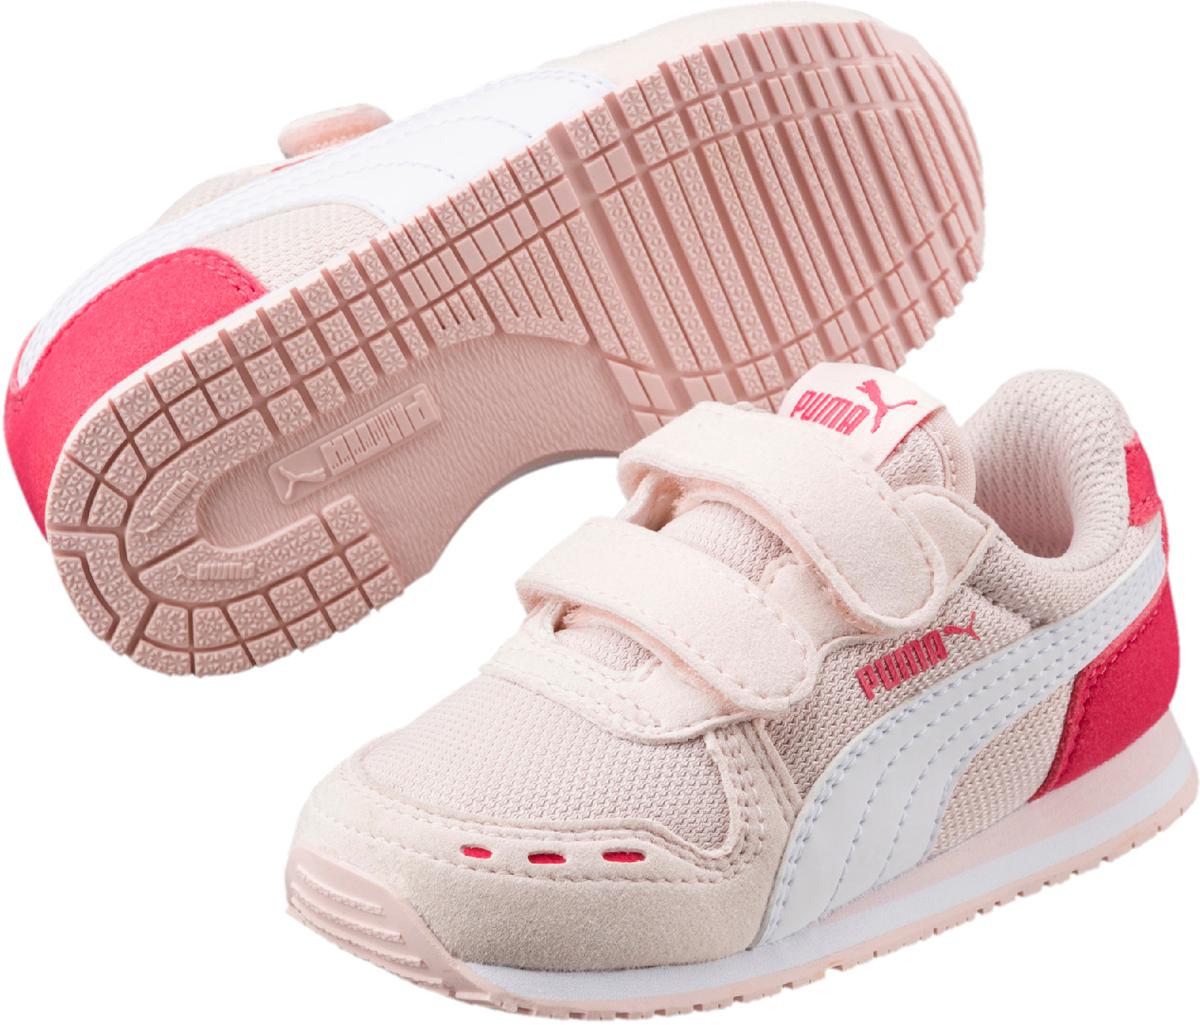 Кроссовки для девочки Puma Cabana Racer Mesh V PS, цвет: светло-розовый. 36024530. Размер 2,5 (34) puma кроссовки drift cat 5 l bmw nu v ps